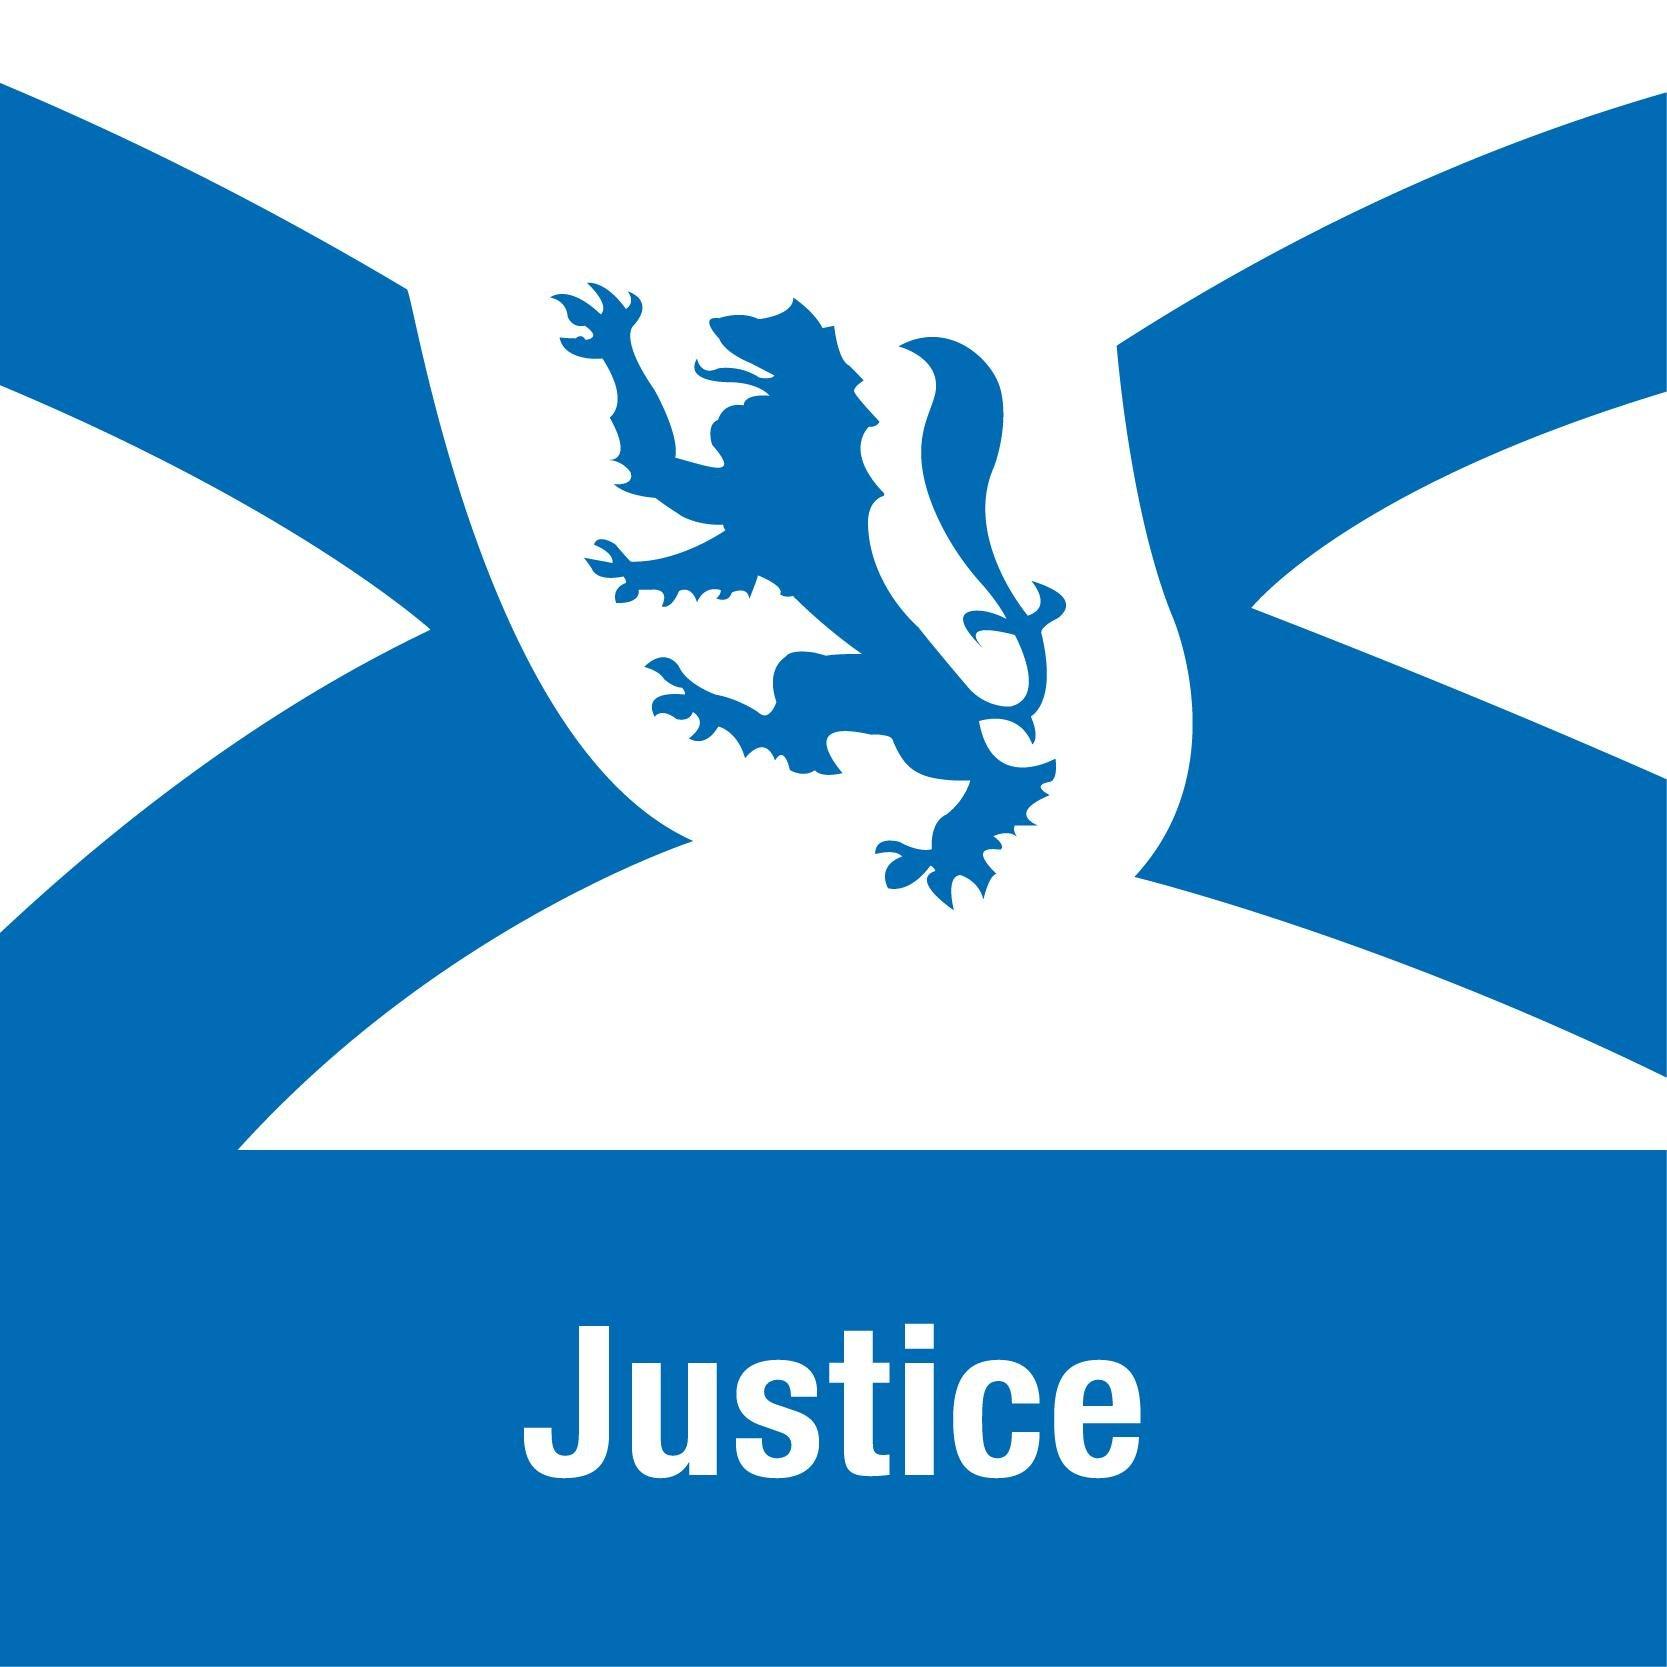 Department Of Wellness: Nova Scotia Justice (@NS_Justice)